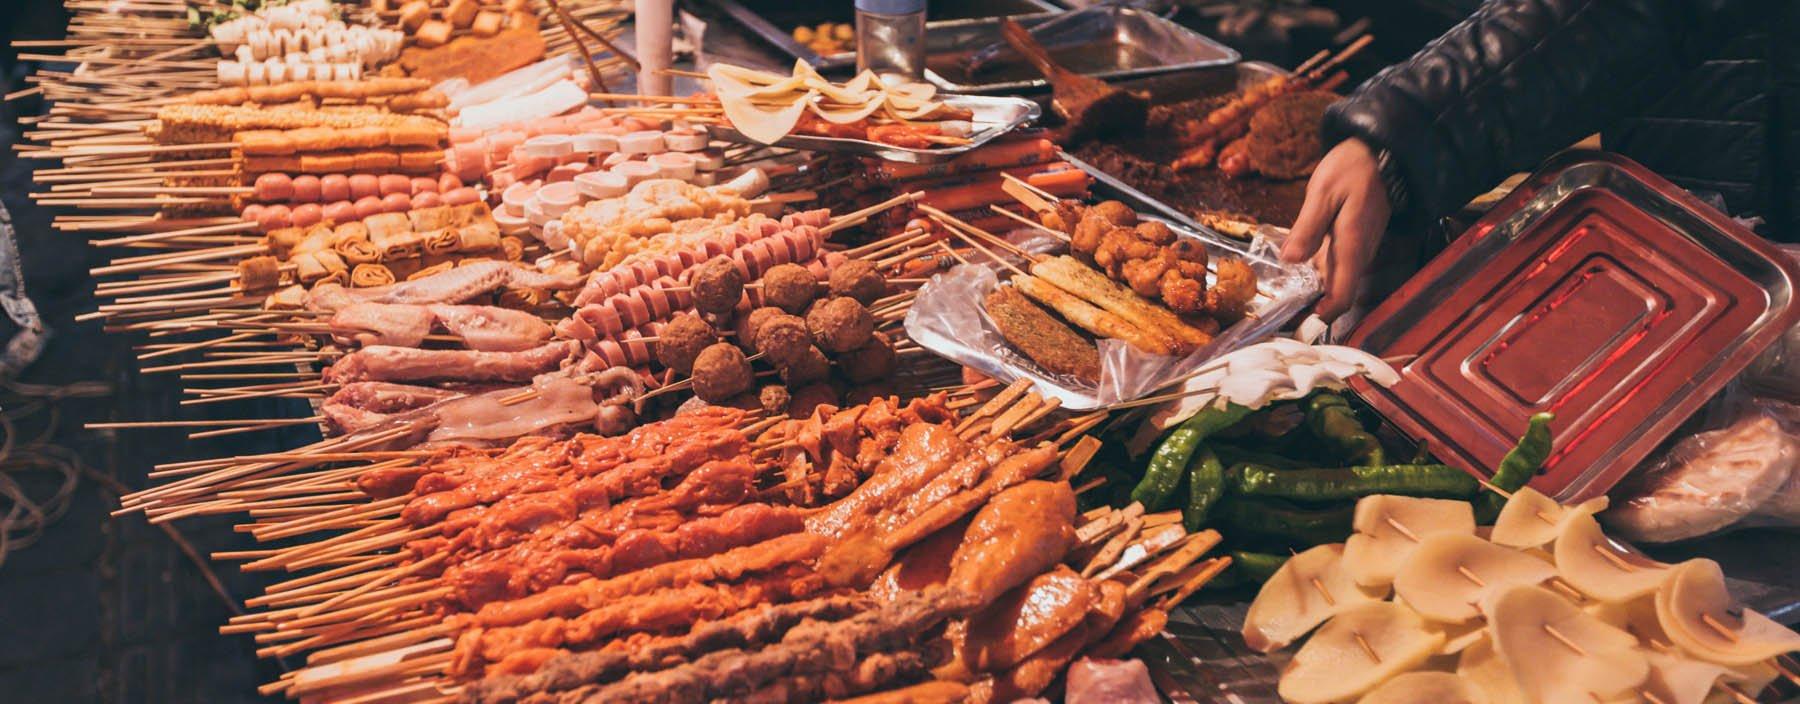 cn, lanzhou, street food.jpg